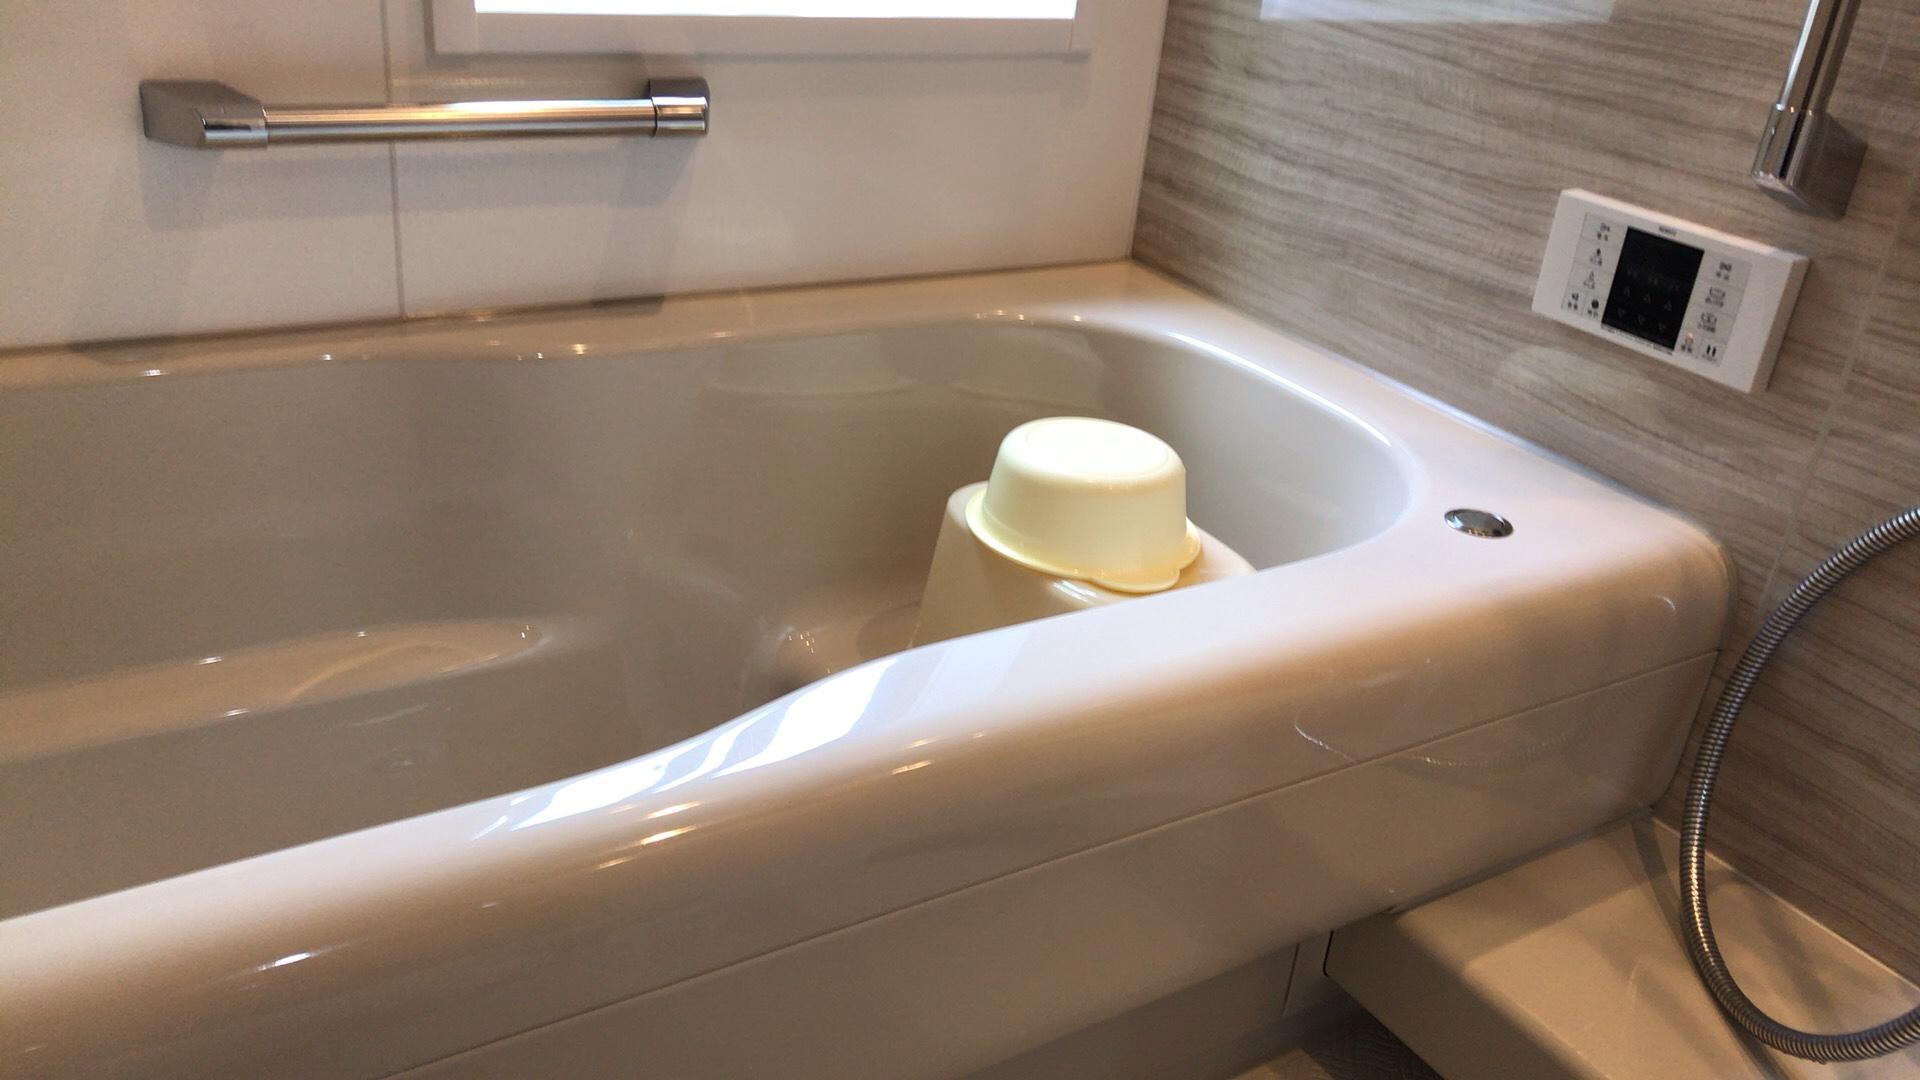 ハウスクリーニング完了後の浴槽